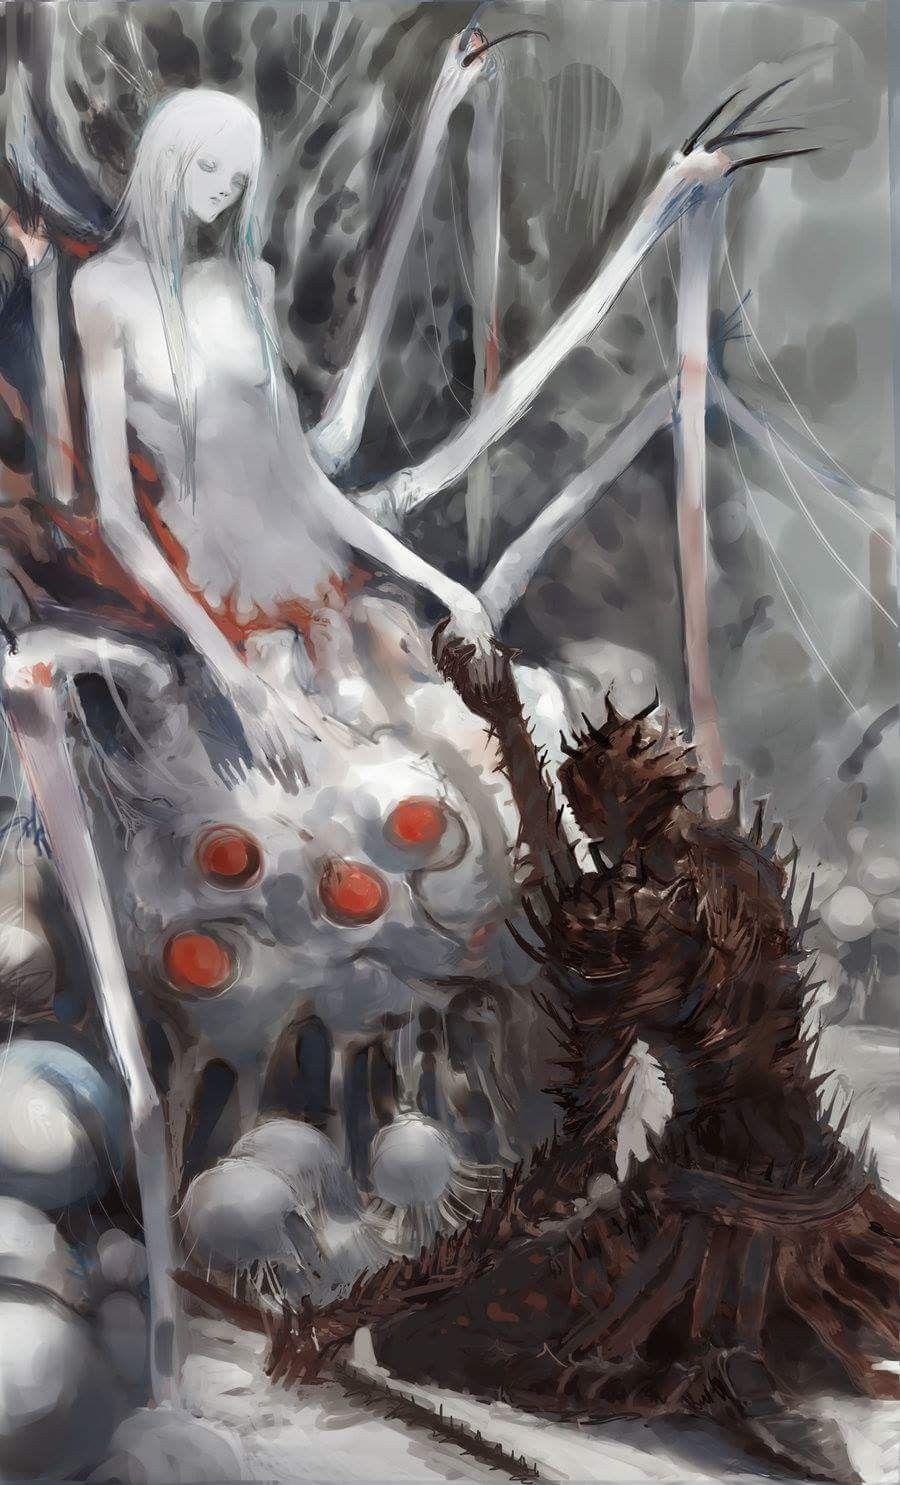 Pin De Bobby Em Fantasy Characters Em 2020 Arte Dark Souls Arte Com Tema De Dinossauro Dark Souls